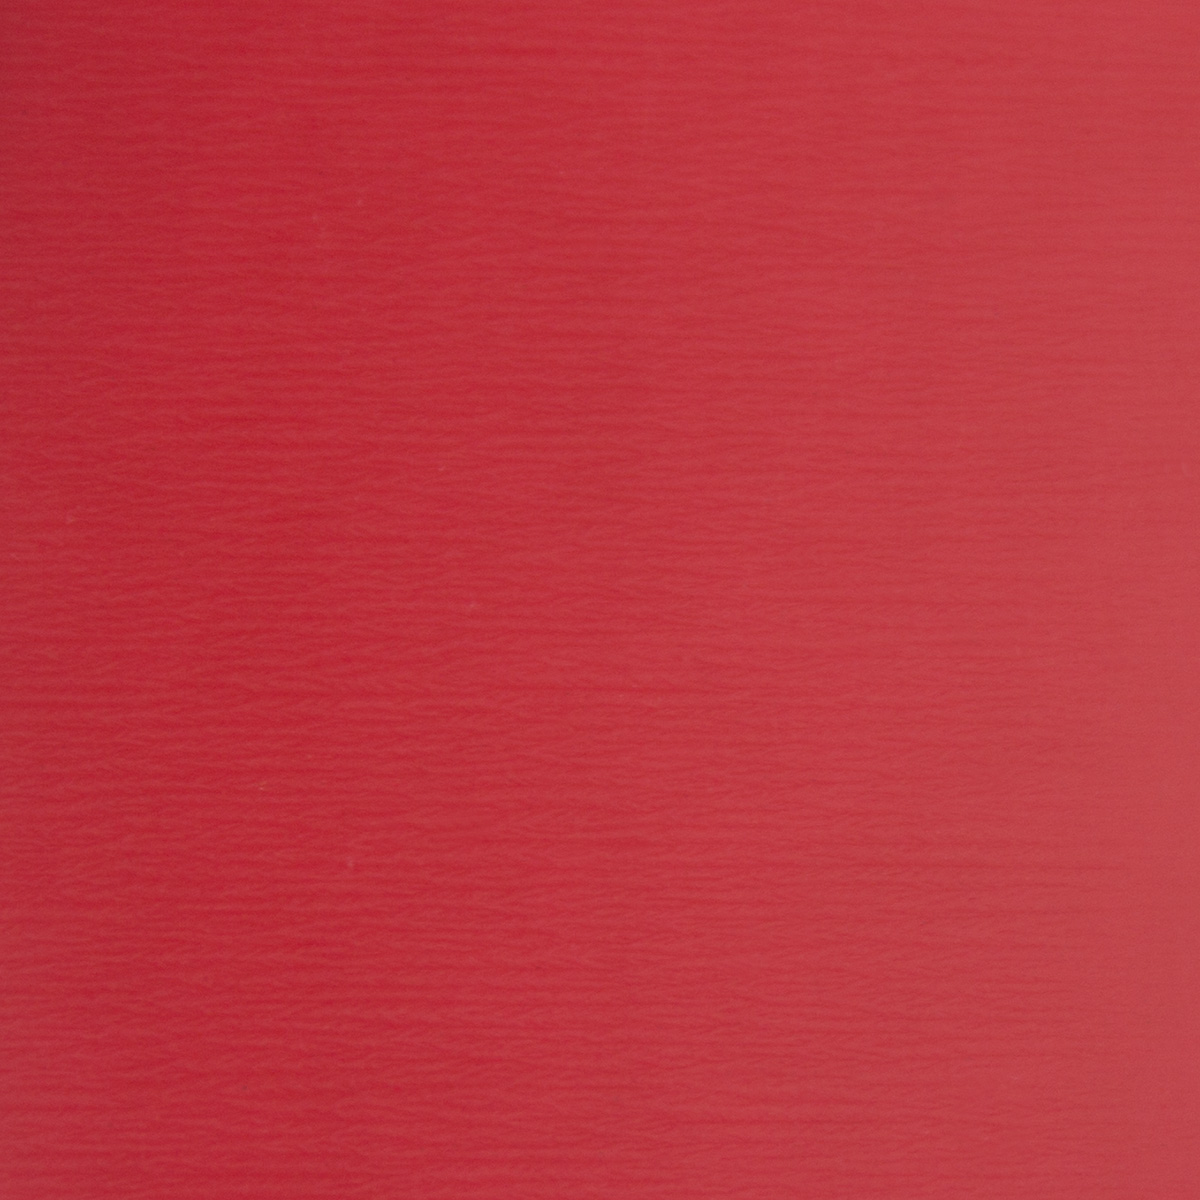 """HotMark Revolution Red Heat Transfer Vinyl 15""""x 1yd"""